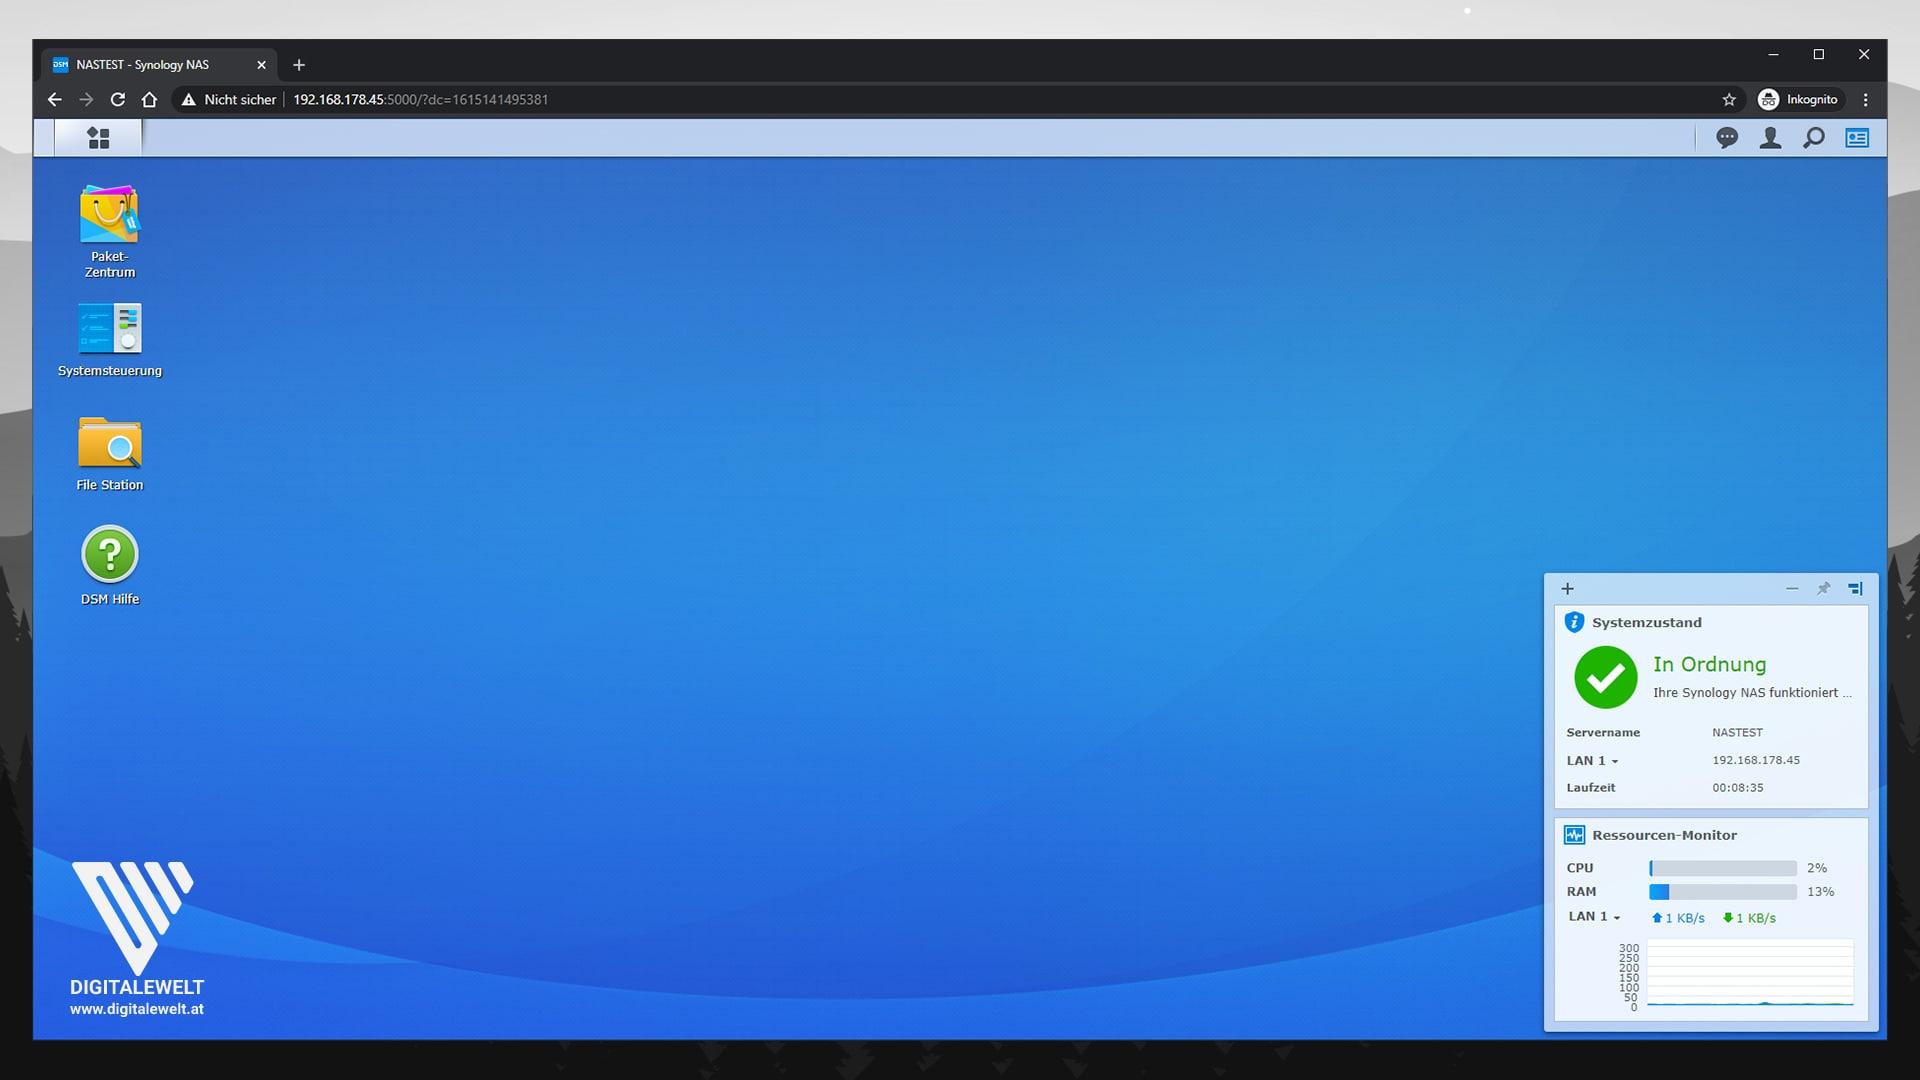 Synology DSM 7 Beta installieren - Mit DiskStation verbinden - digitalewelt.at